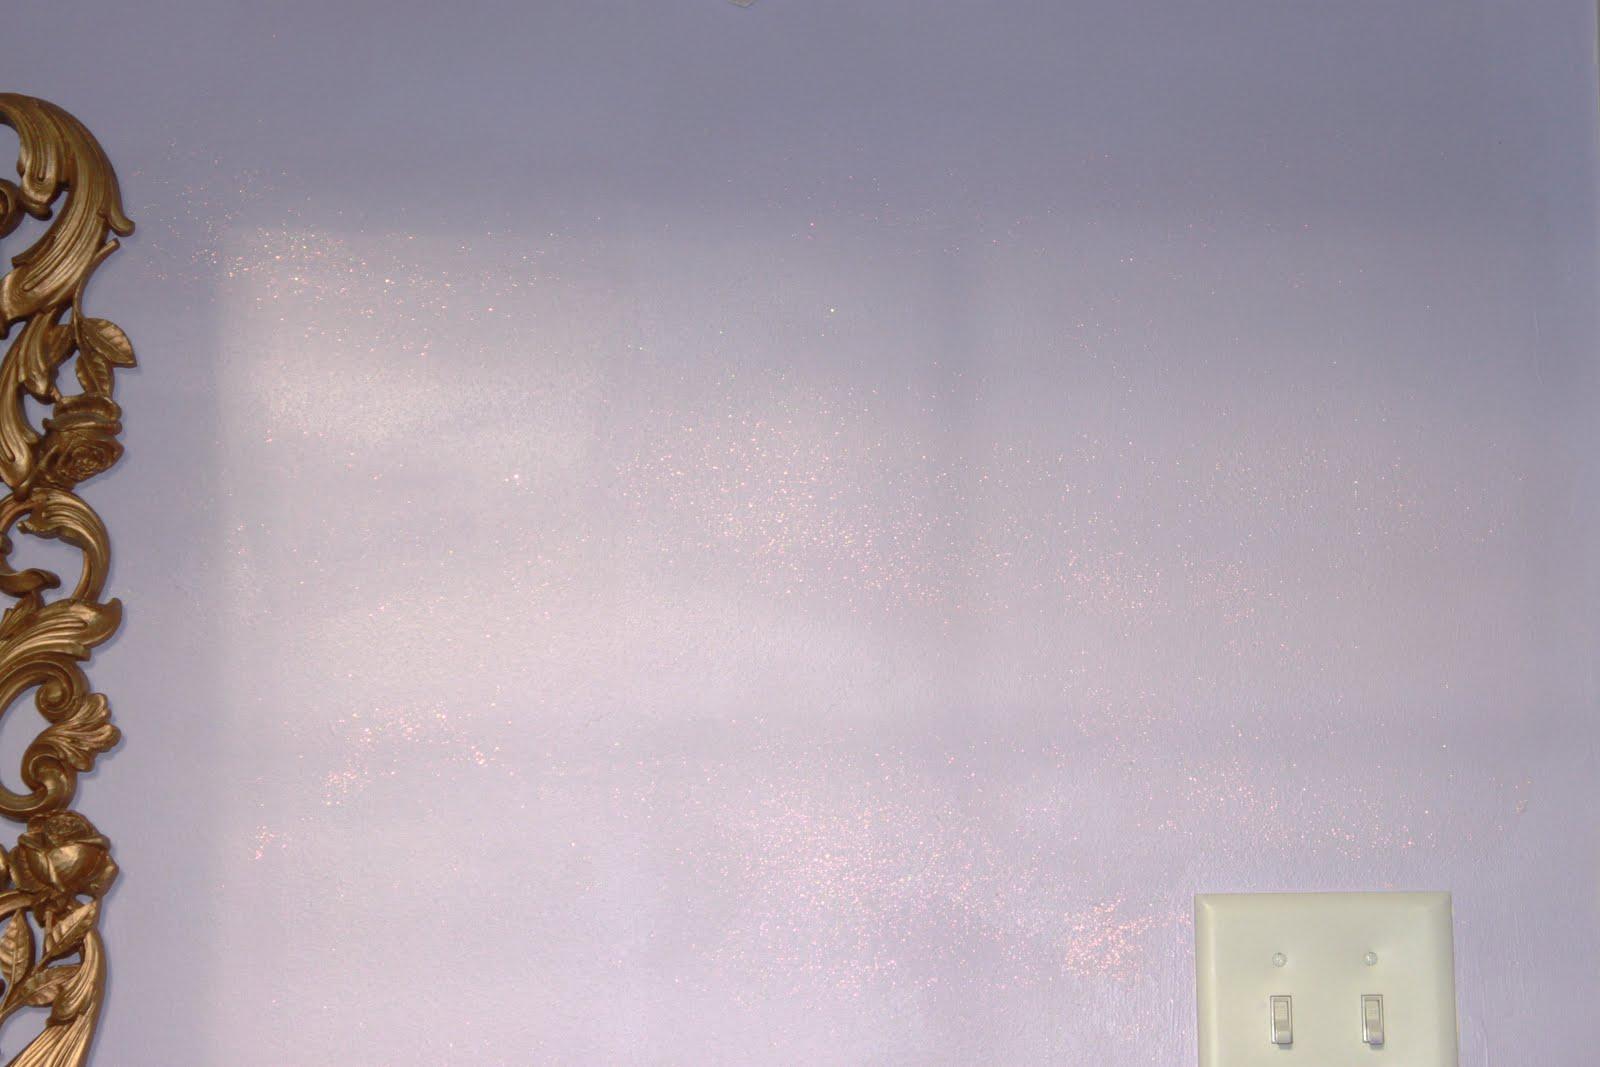 pink glitter wall paint - photo #7